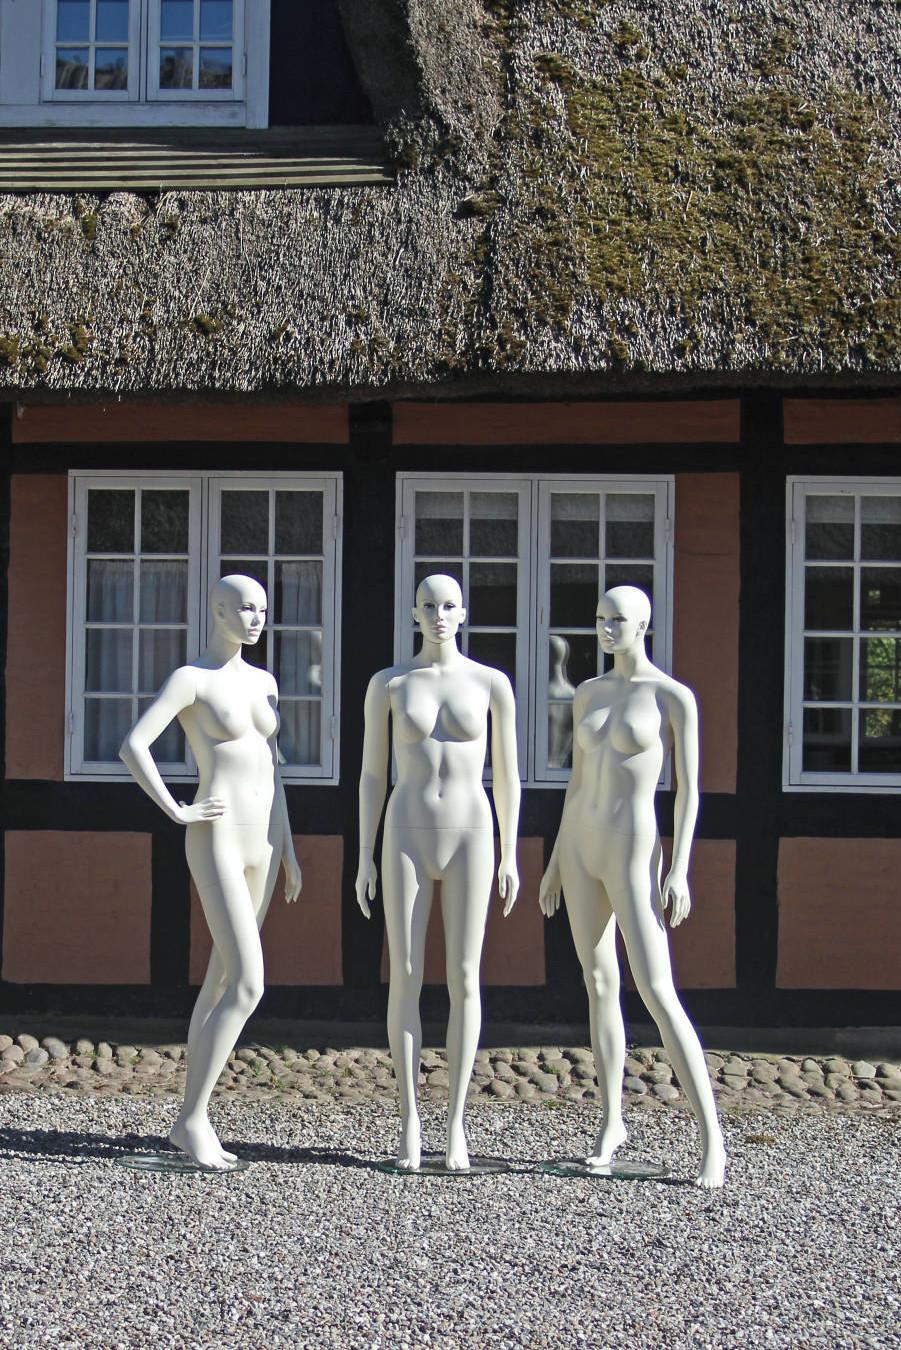 dame mannequiner med make-up. Ginerne fås i flere forskellige modeller.